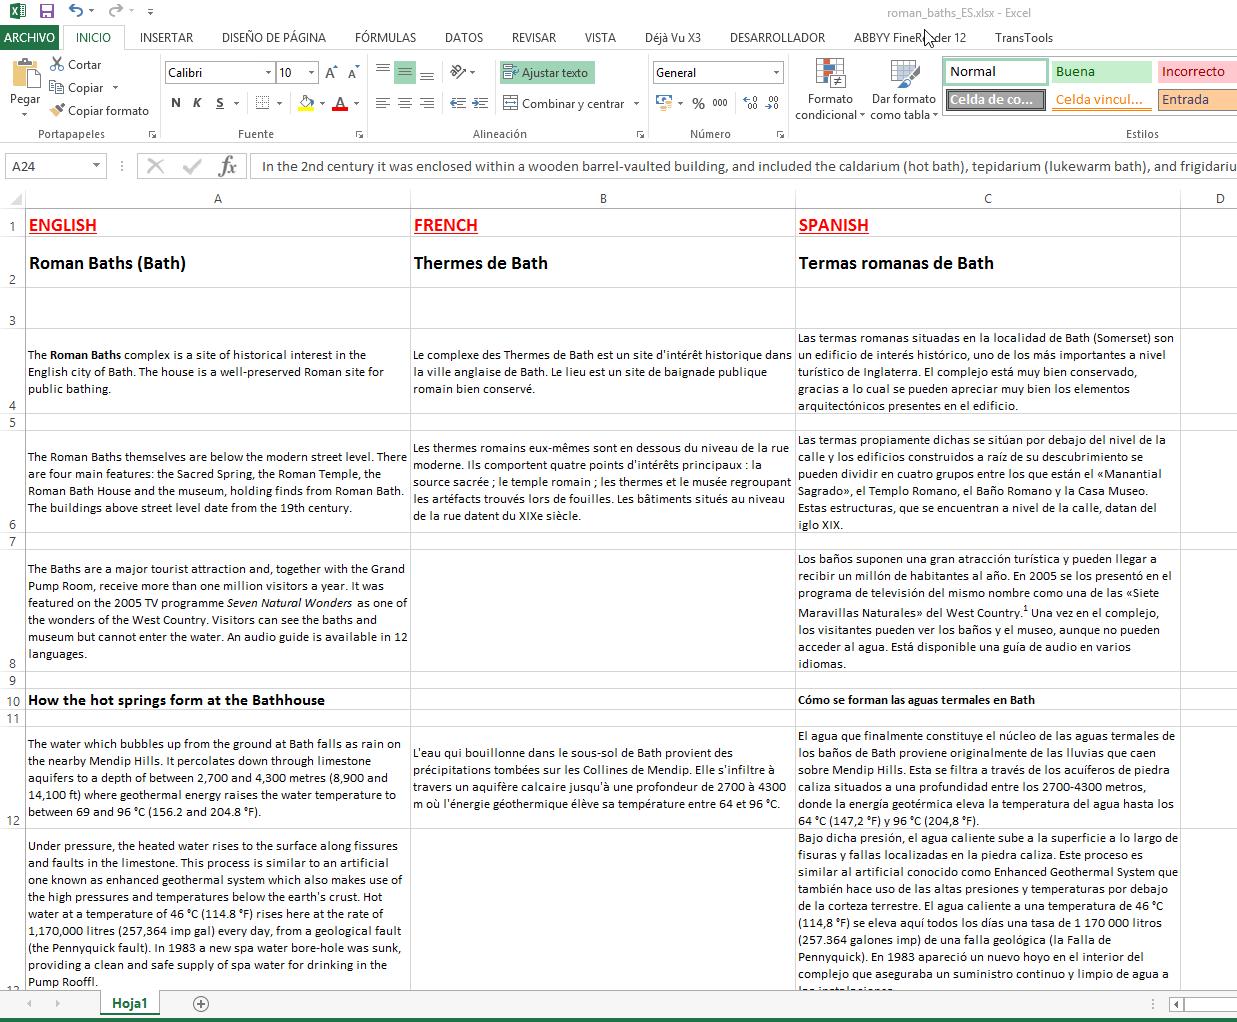 La hoja de Excel multilingüe de destino con nuestras traducciones